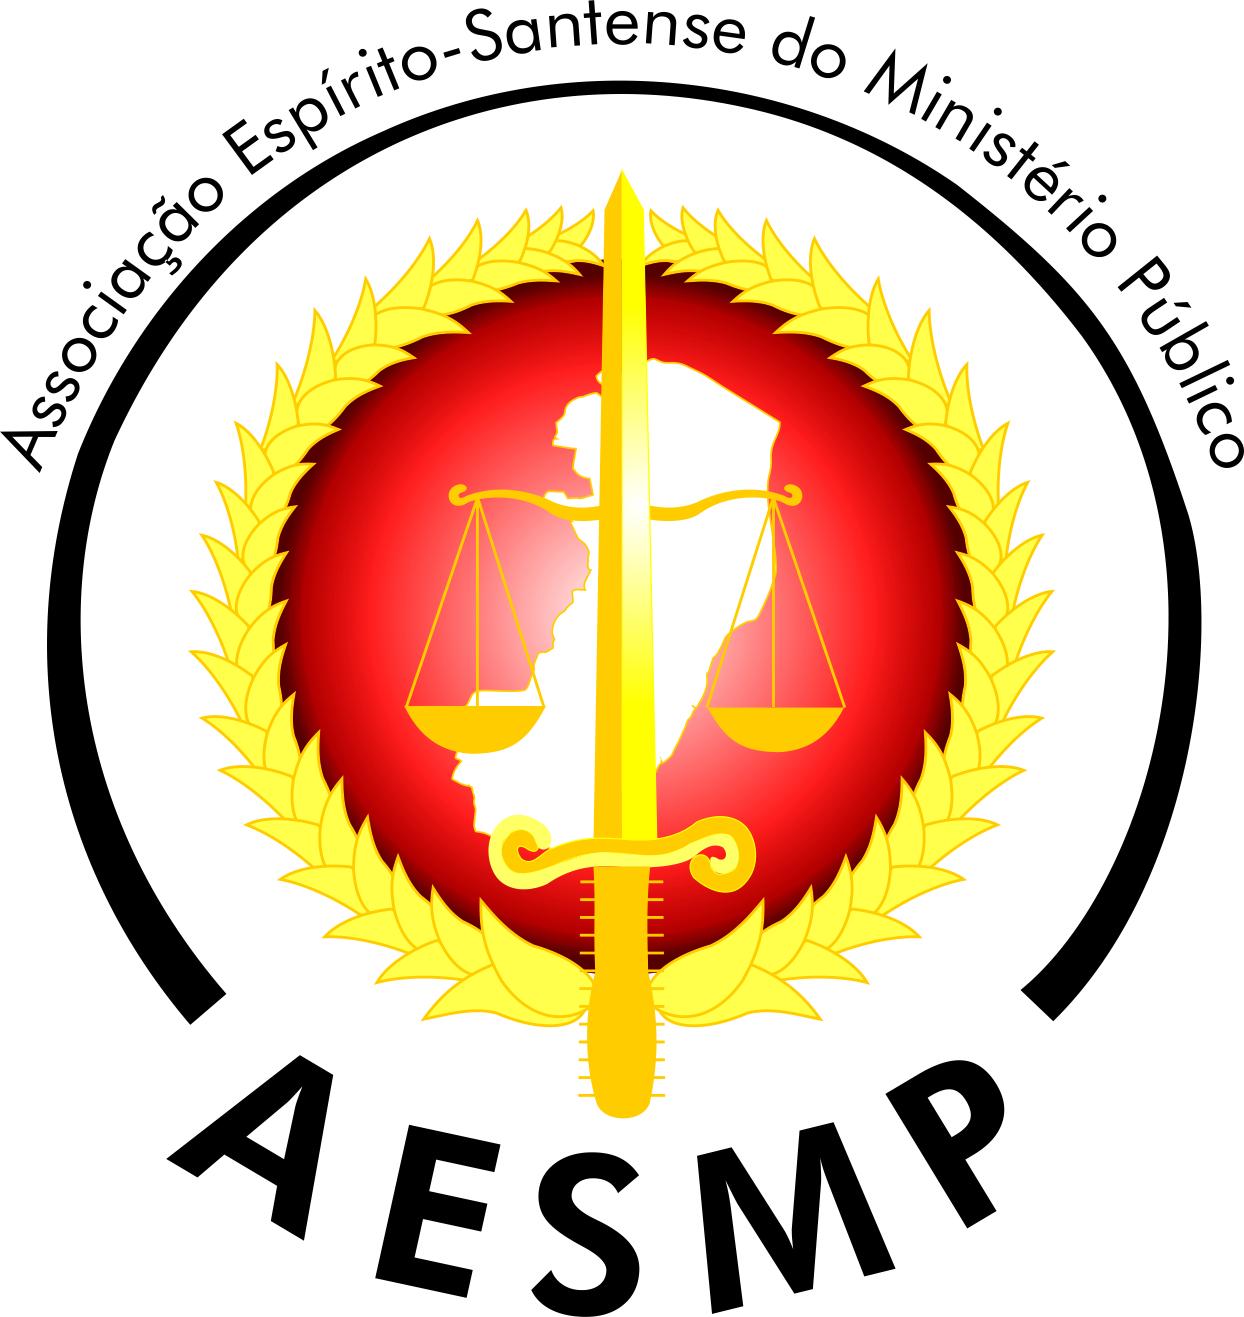 AESMP - ASSOCIAÇÃO ESPÍRITO-SANTENSE DO MINISTÉRIO PÚBLICO